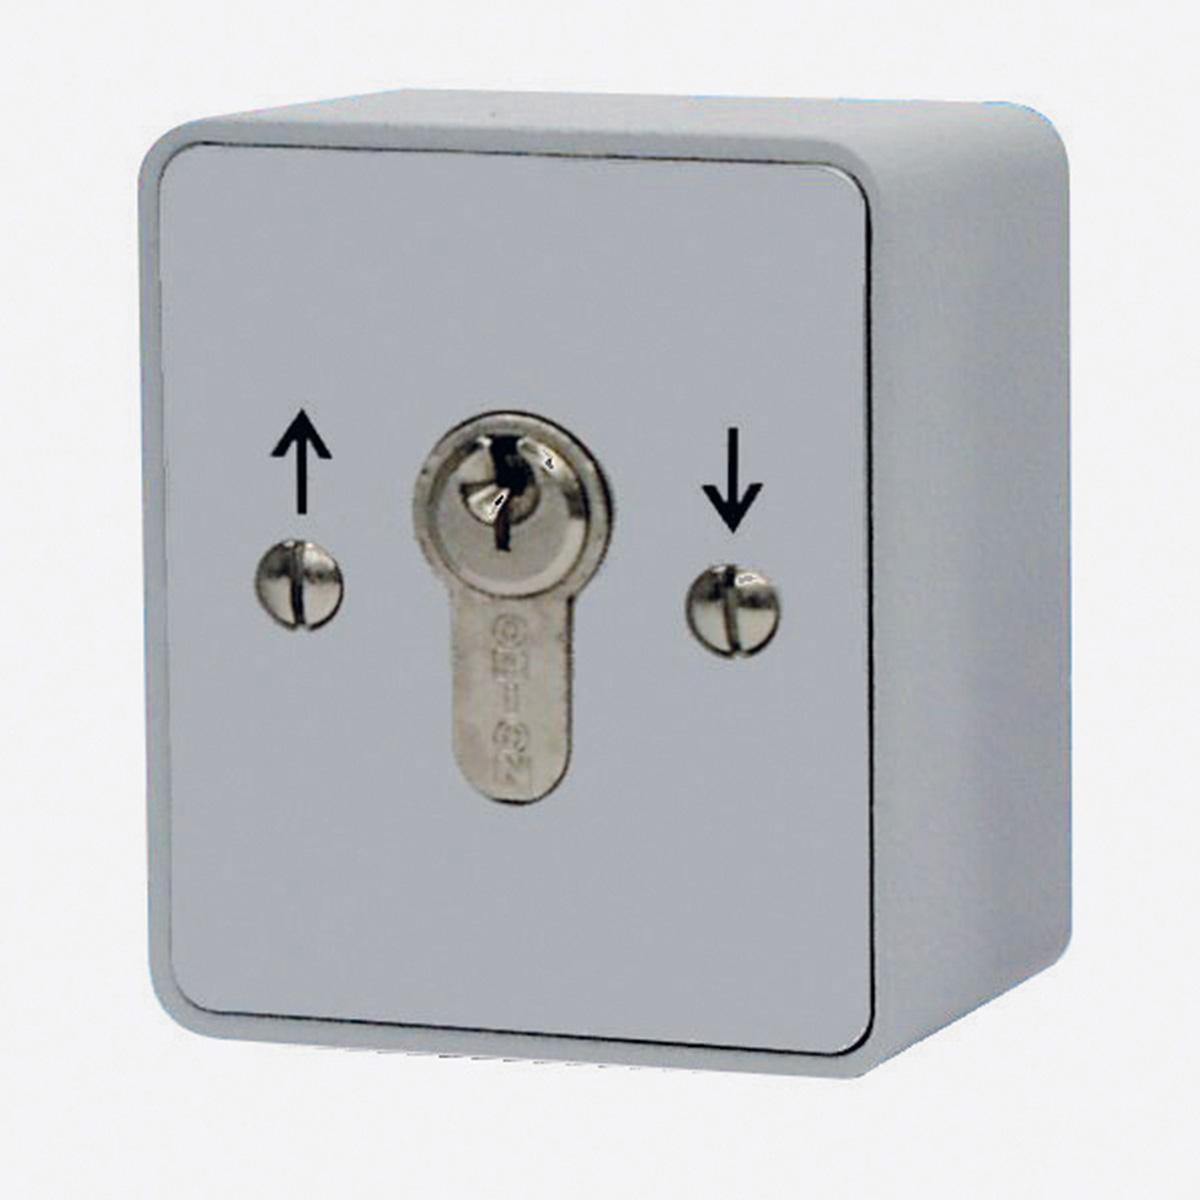 BFT Aufputz-Schlüsselschalter